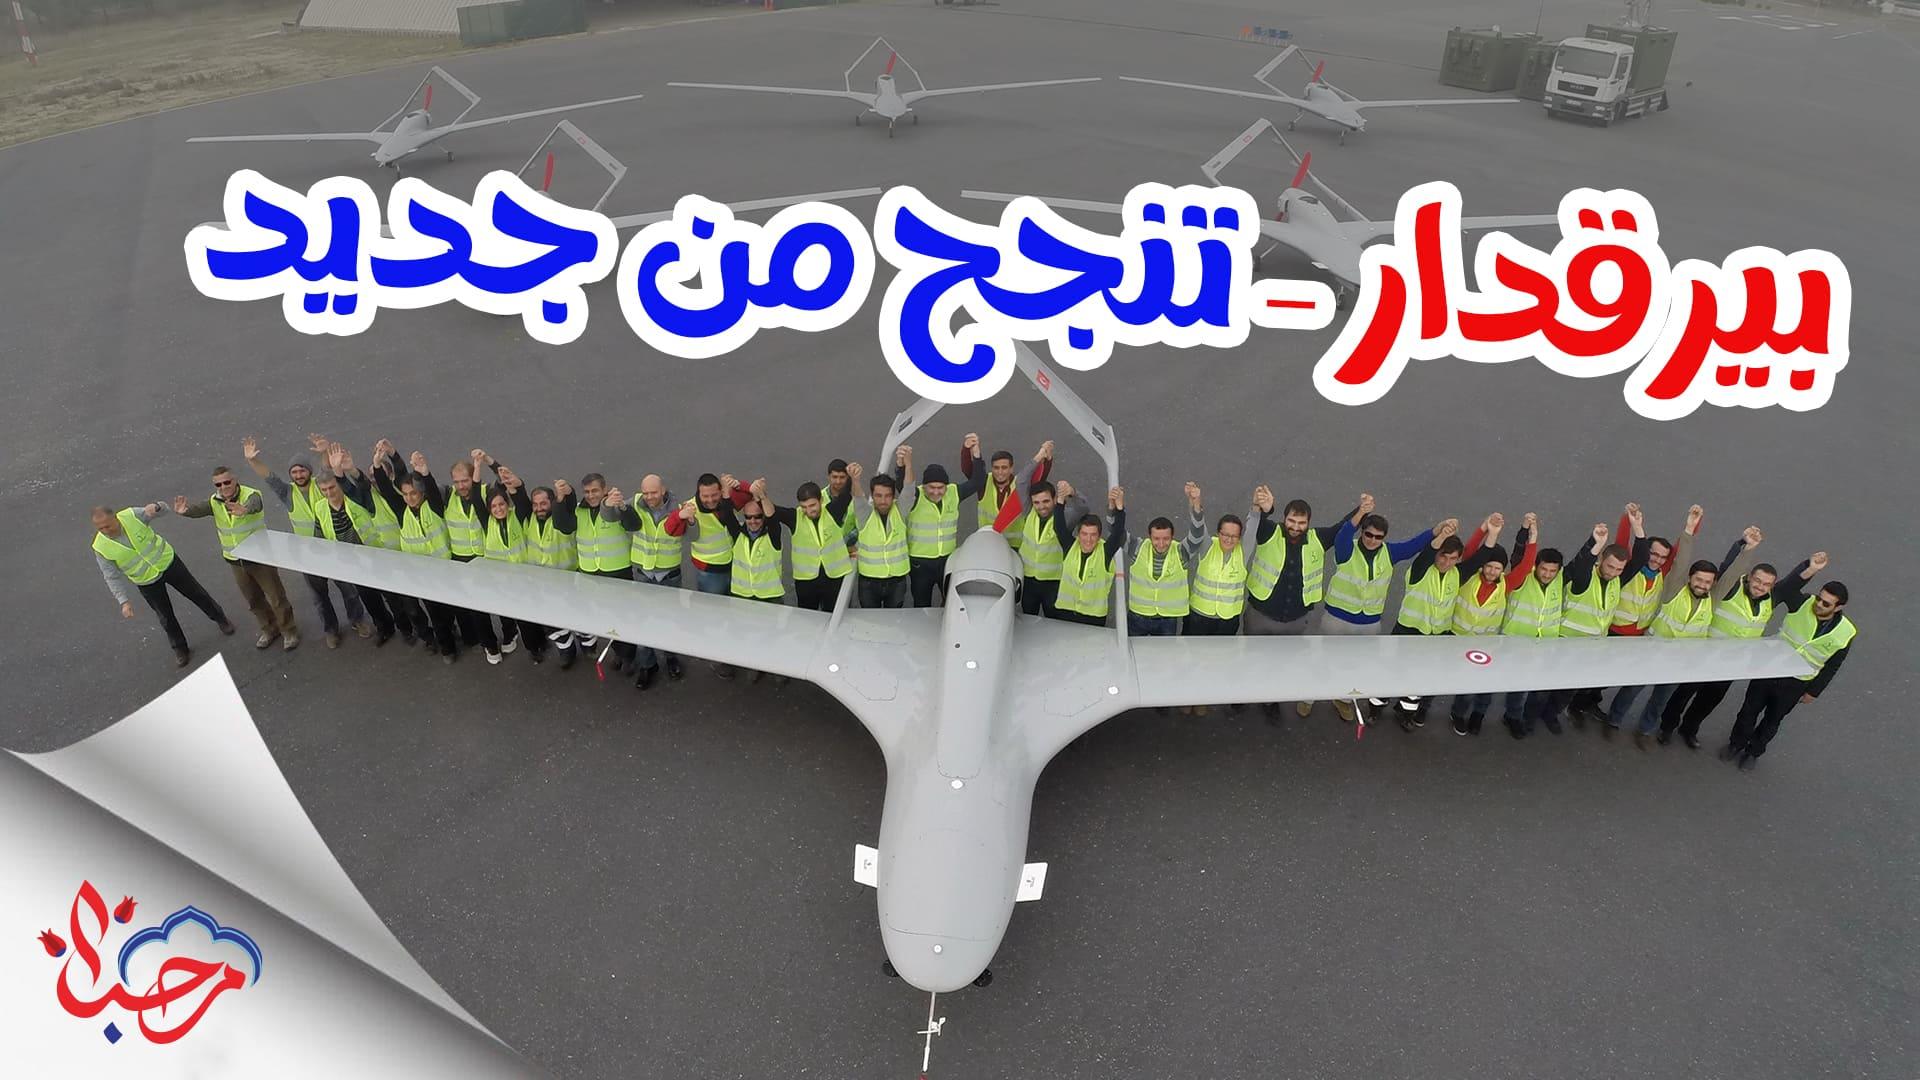 (فيديو) باستخدام كاميرا محلية لـ الطائرة التركيةالمسيرة بيرقدار تصيب الأهداف بنجاح